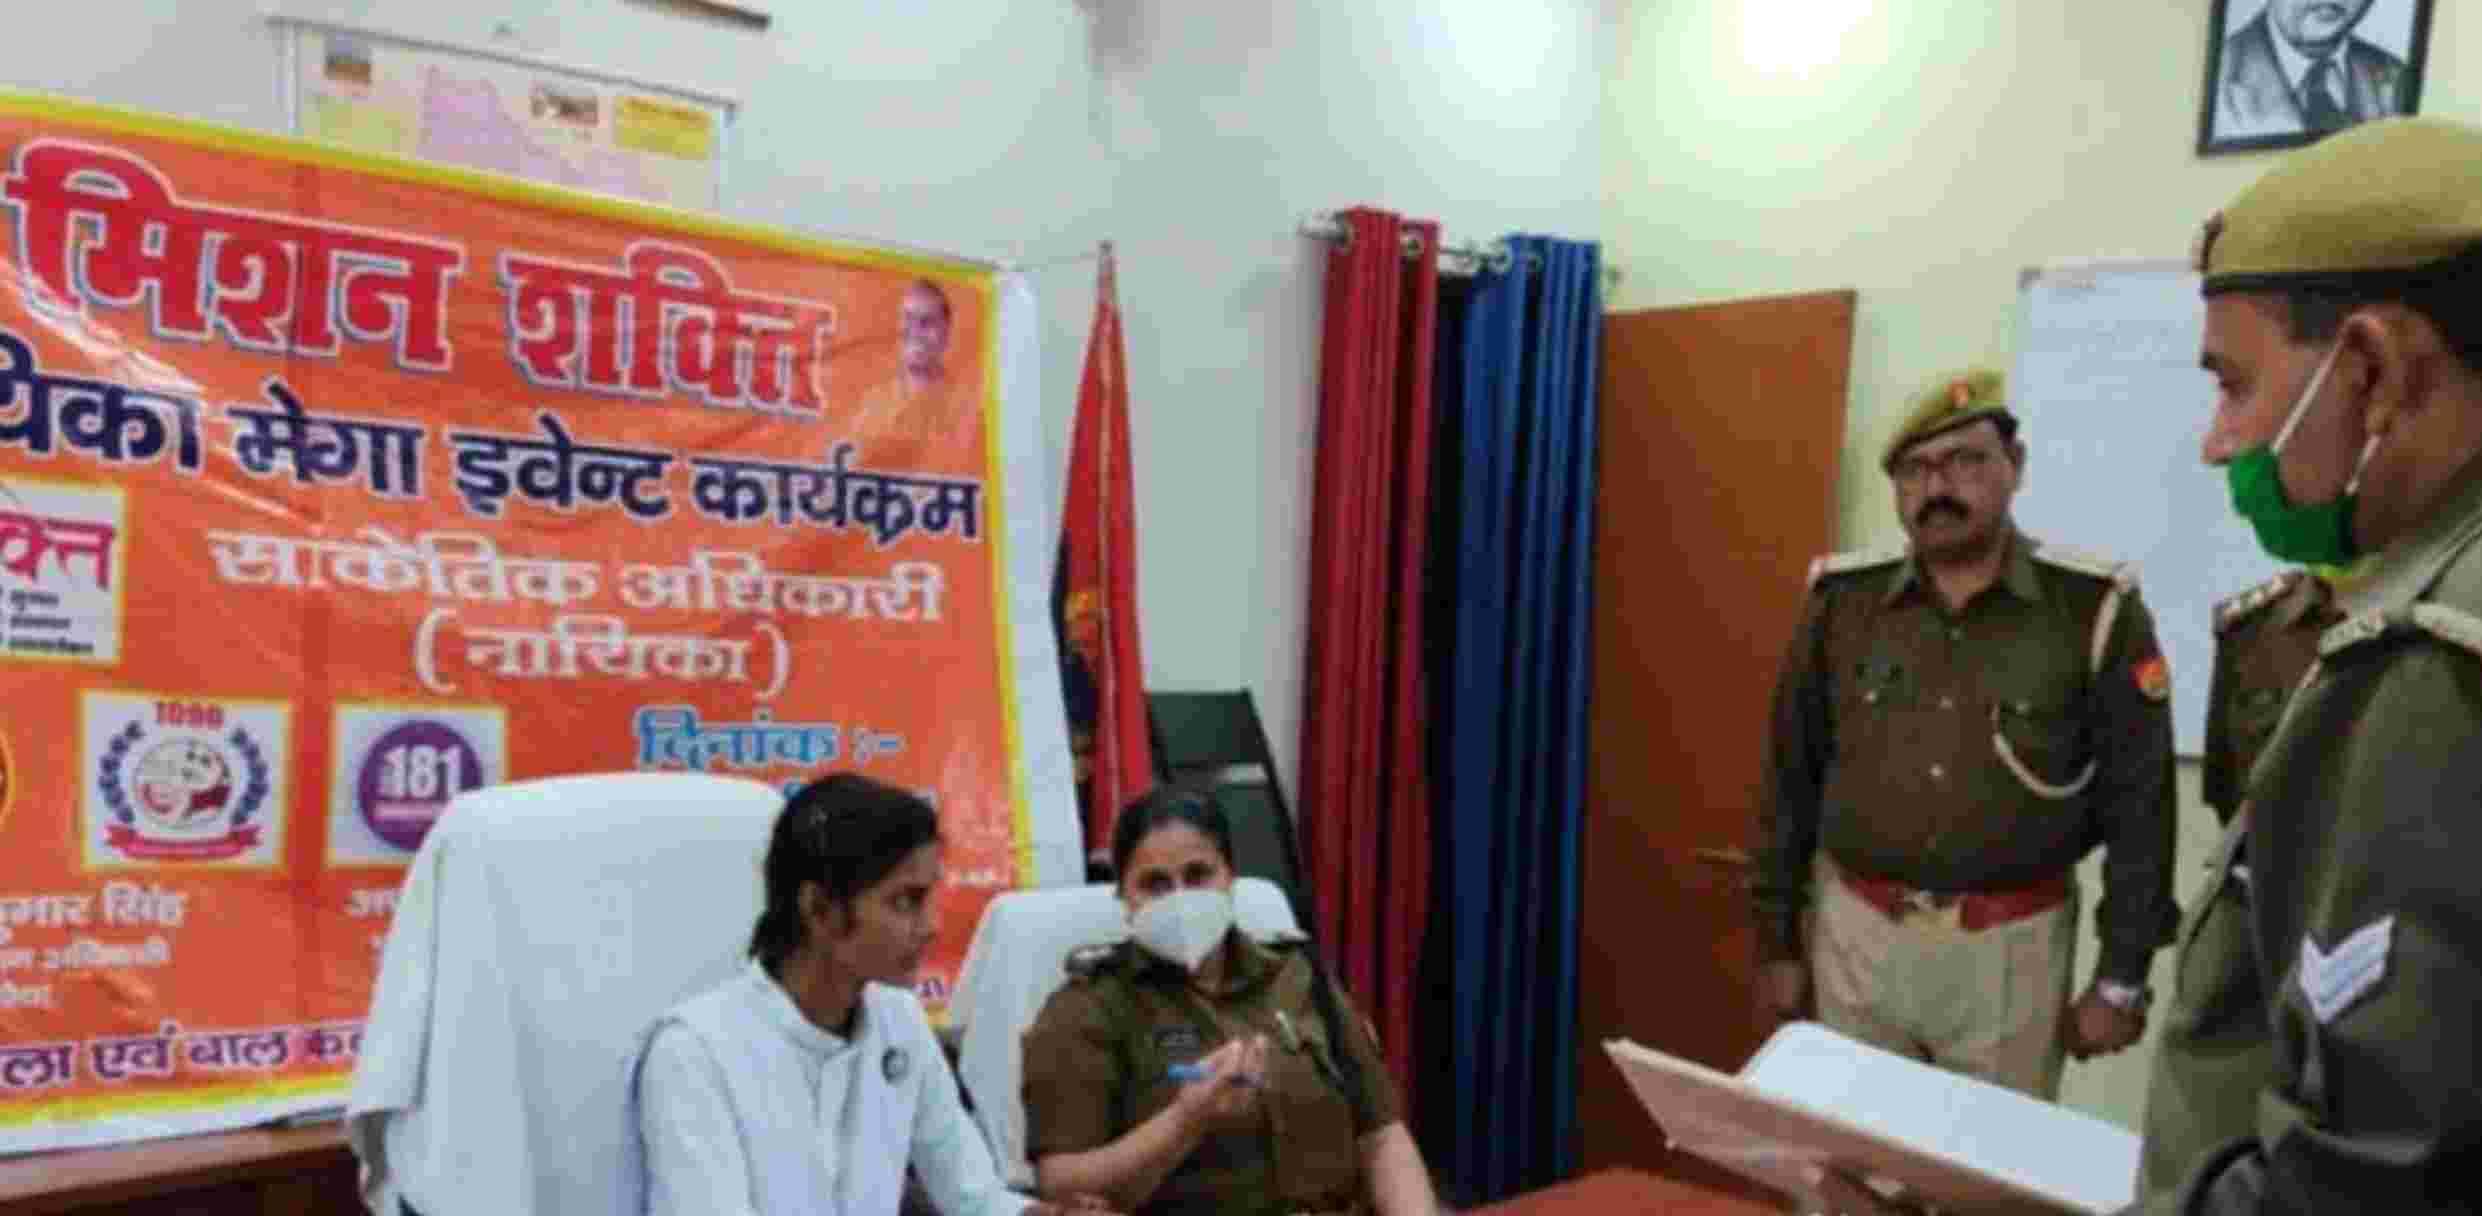 Khaskhabar/उत्तर प्रदेश के औरैया जिले में जिलाधिकारी, पुलिस अधीक्षक से लेकर अन्य आला अधिकारियों के दफ्तर का माहौल बदला-बदला नजर आया। यहां आज मिशन शक्ति अभियान के अंतर्गत सांकेतिक अधिकारी के तौर पर 1 दिन के लिए जिले की टॉपर छात्राओं ने आला अफसरों की कुर्सियां संभाली प्रशासनिक कामकाज को